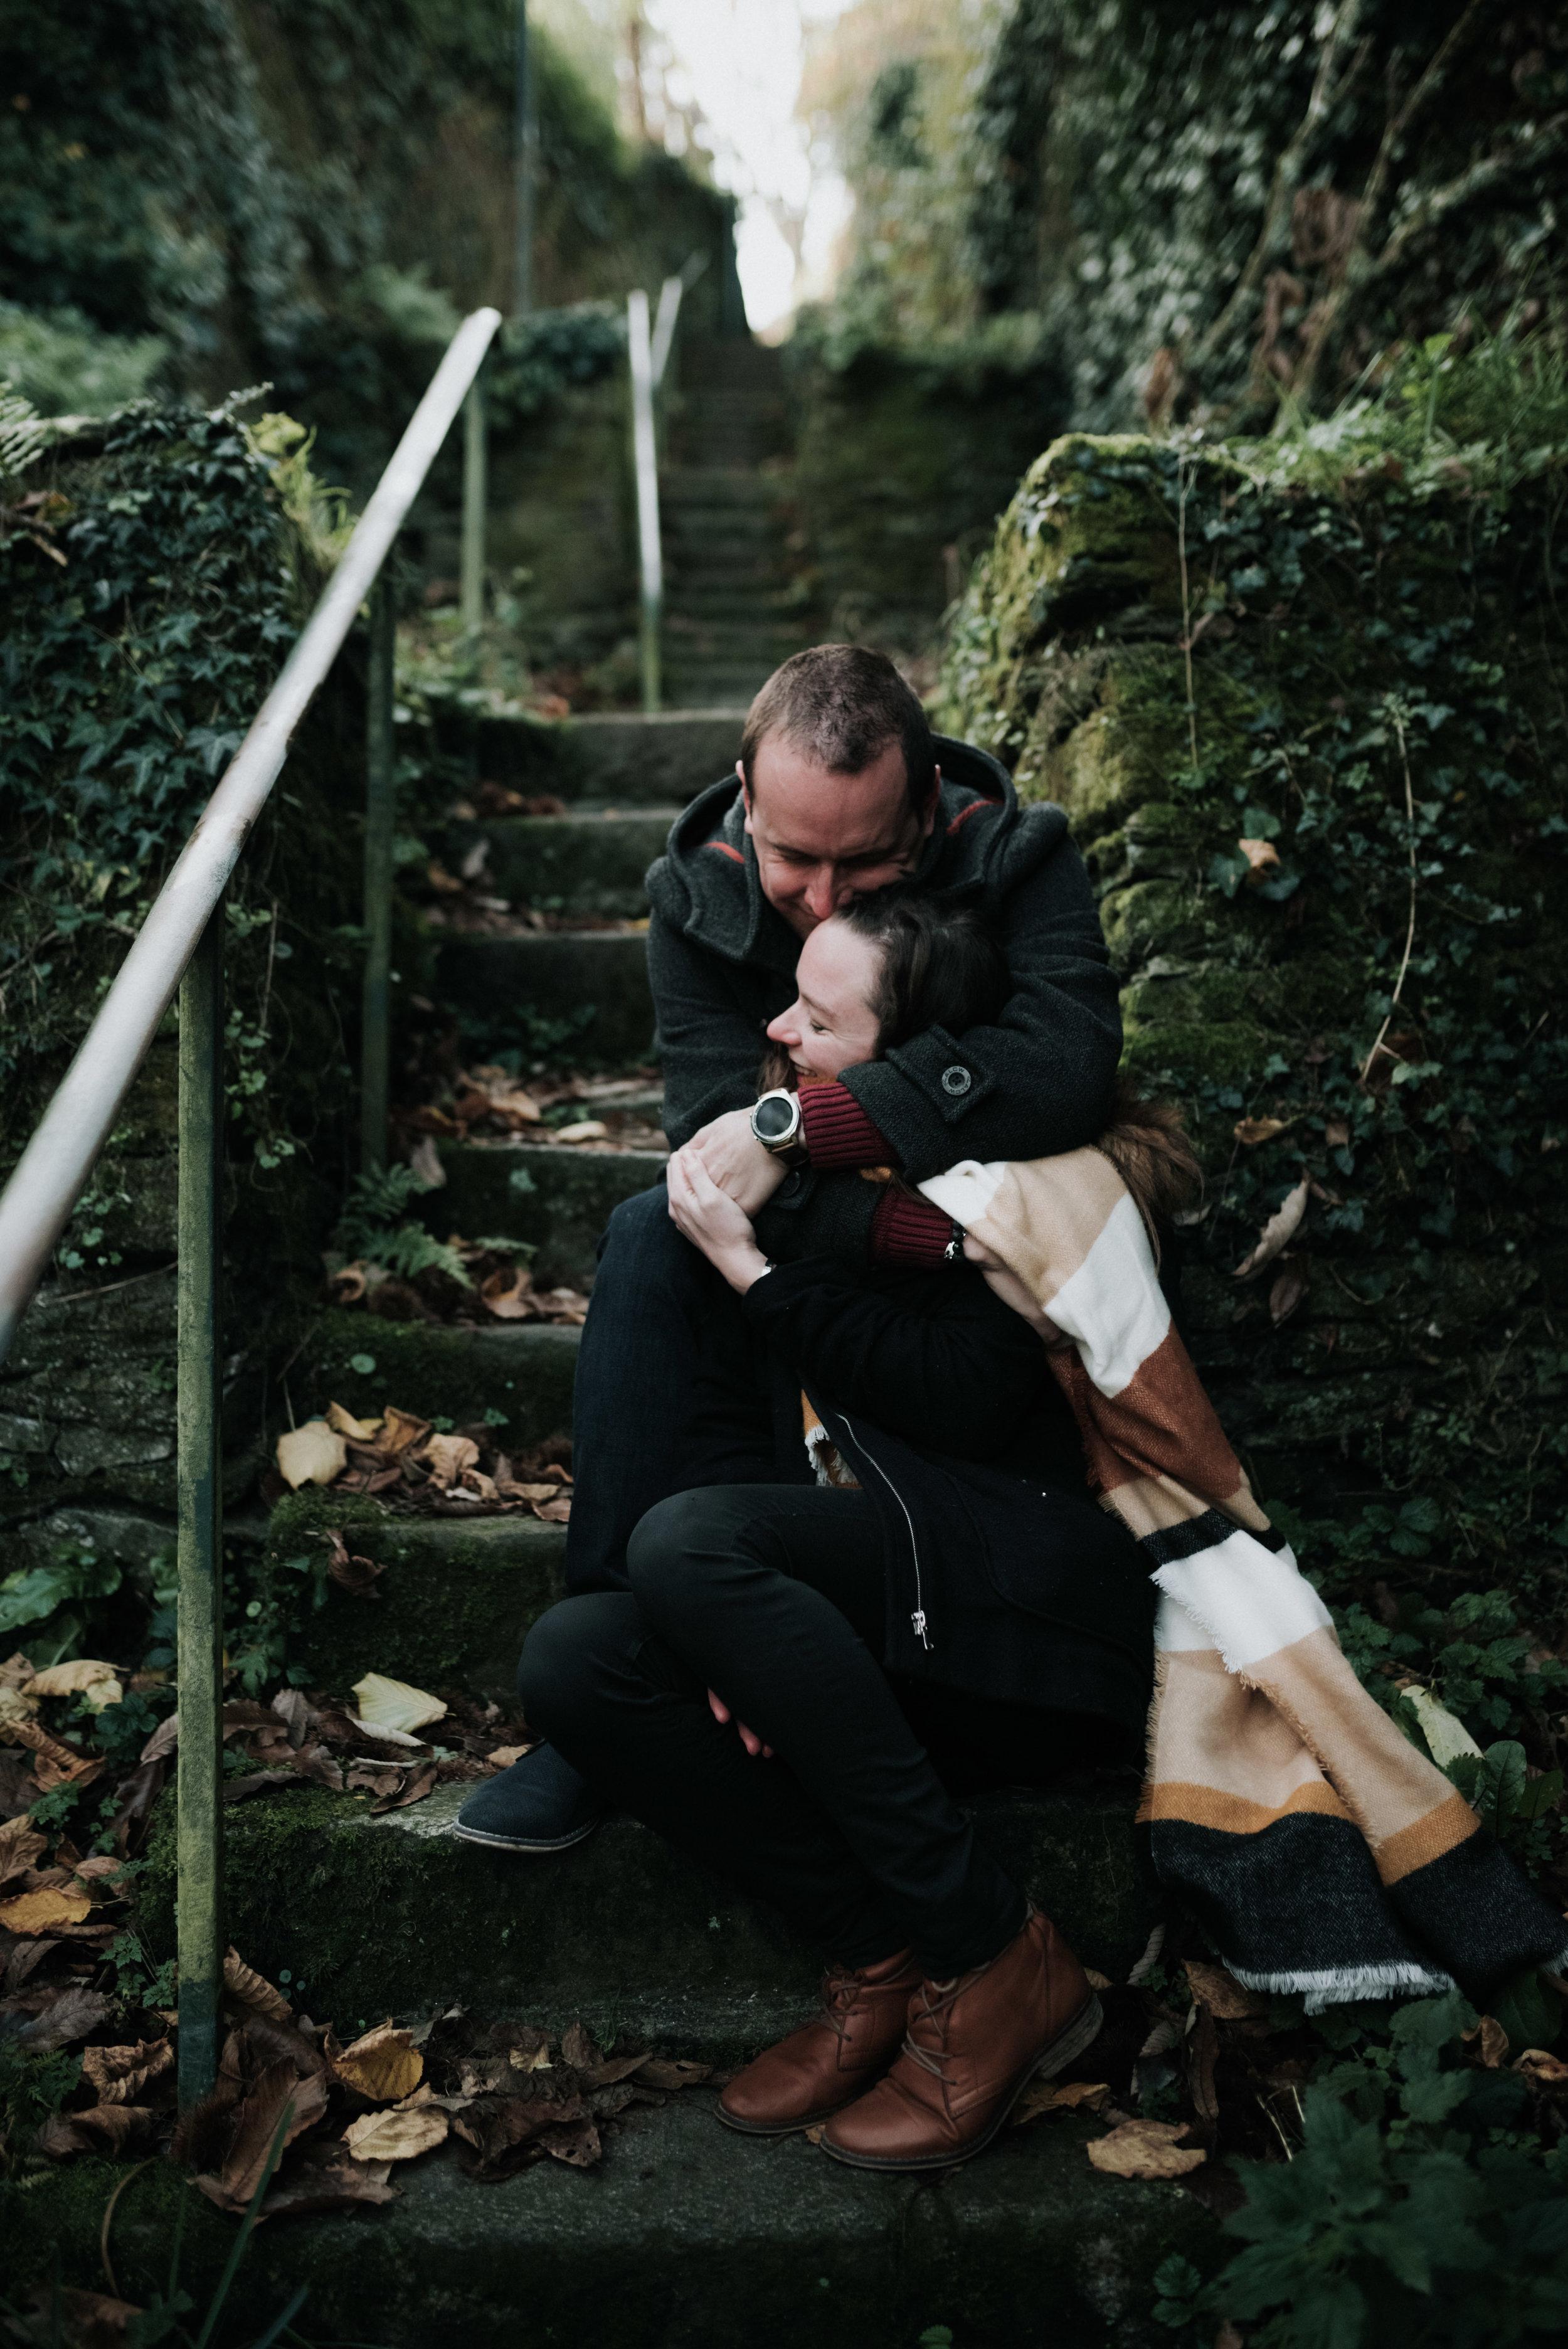 Léa-Fery-photographe-professionnel-lyon-rhone-alpes-portrait-creation-mariage-evenement-evenementiel-famille-4591.jpg